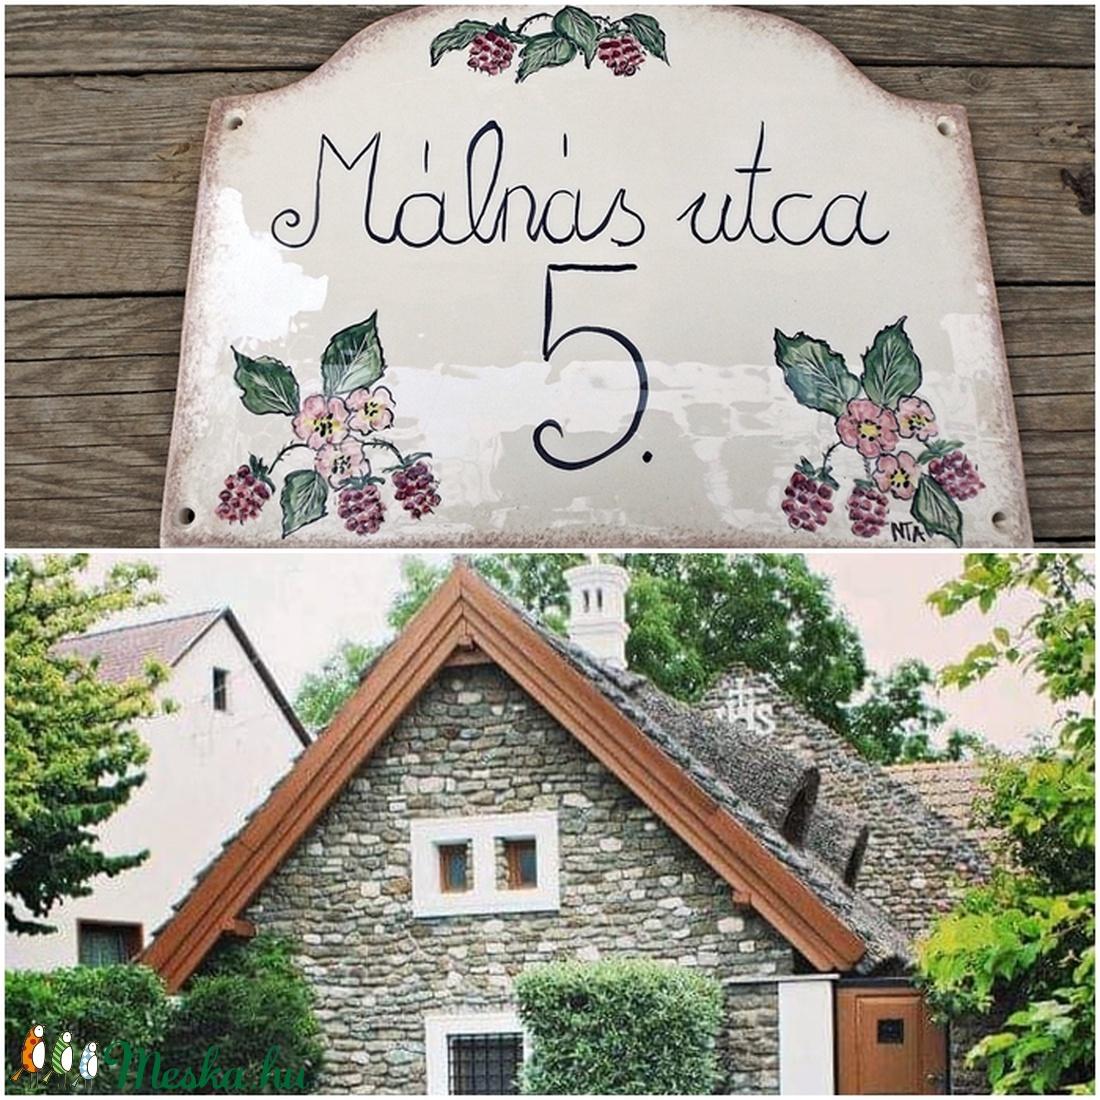 Egyedi kerámia utcanévtábla  - otthon & lakás - ház & kert - házszám - Meska.hu